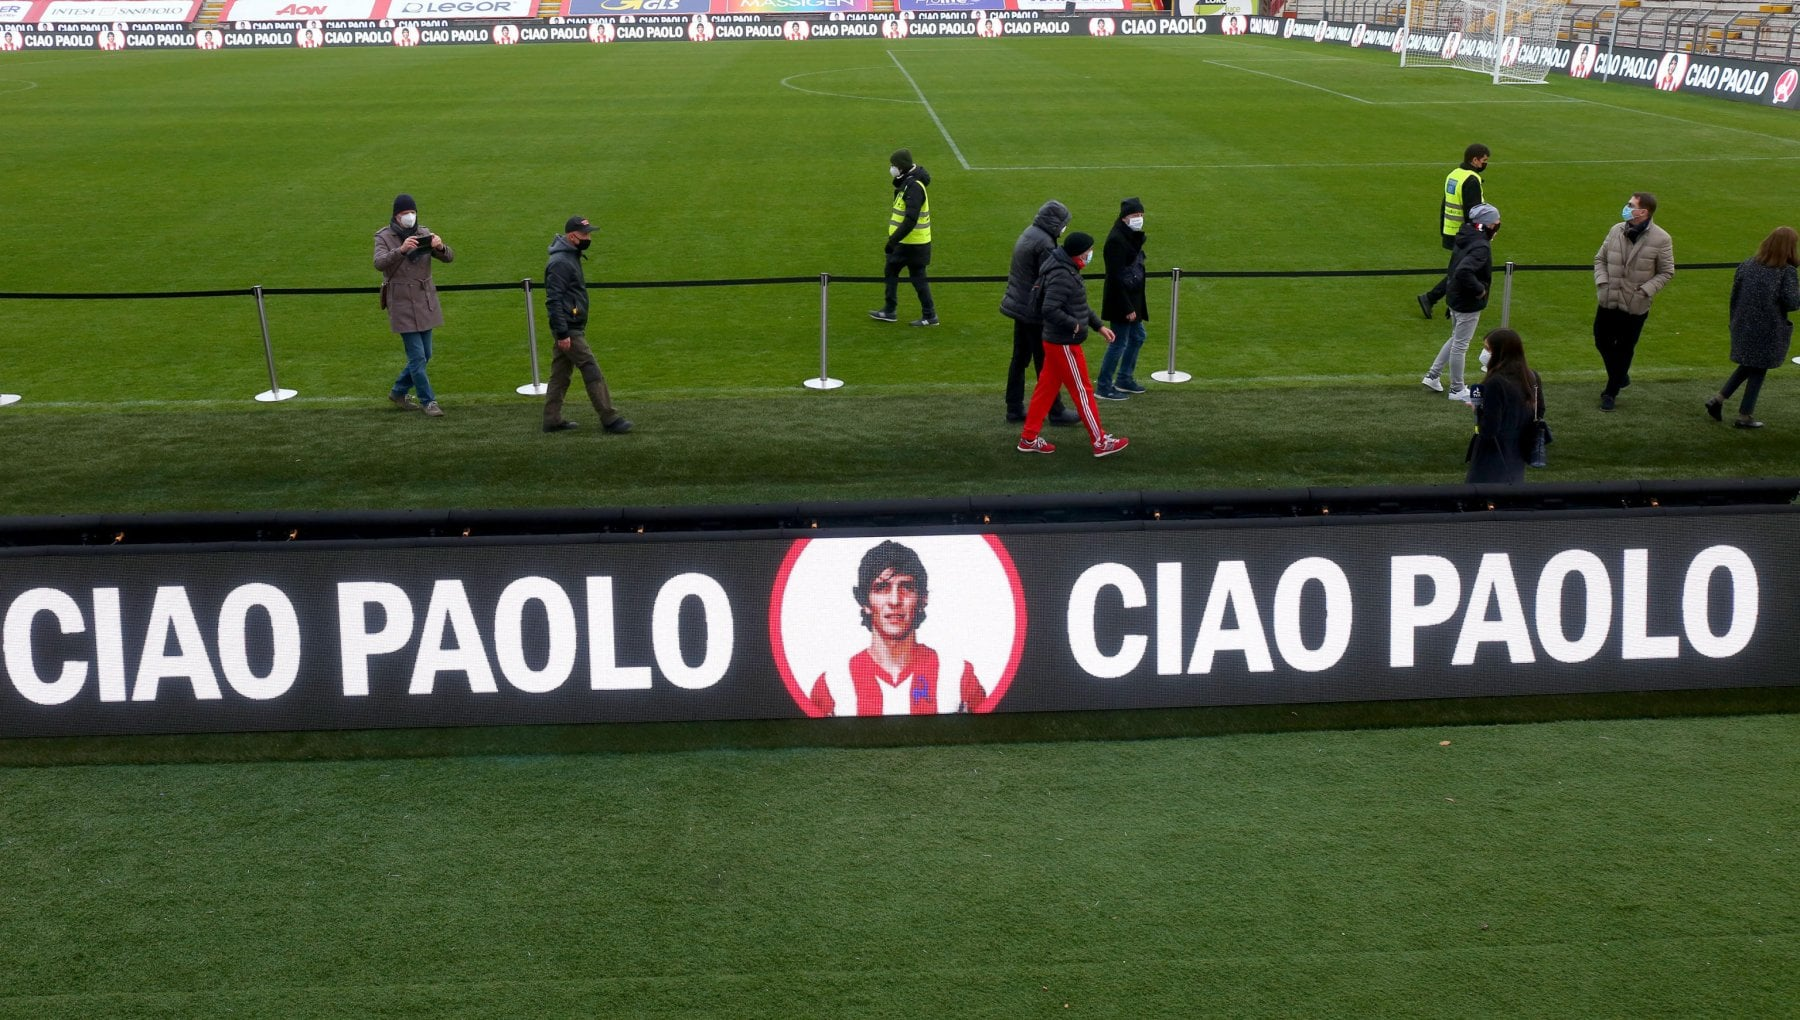 Il Covid i Giochi e gli Europei saltati la scomparsa dei miti Maradona e Paolo Rossi un 2020 difficile per lo sport